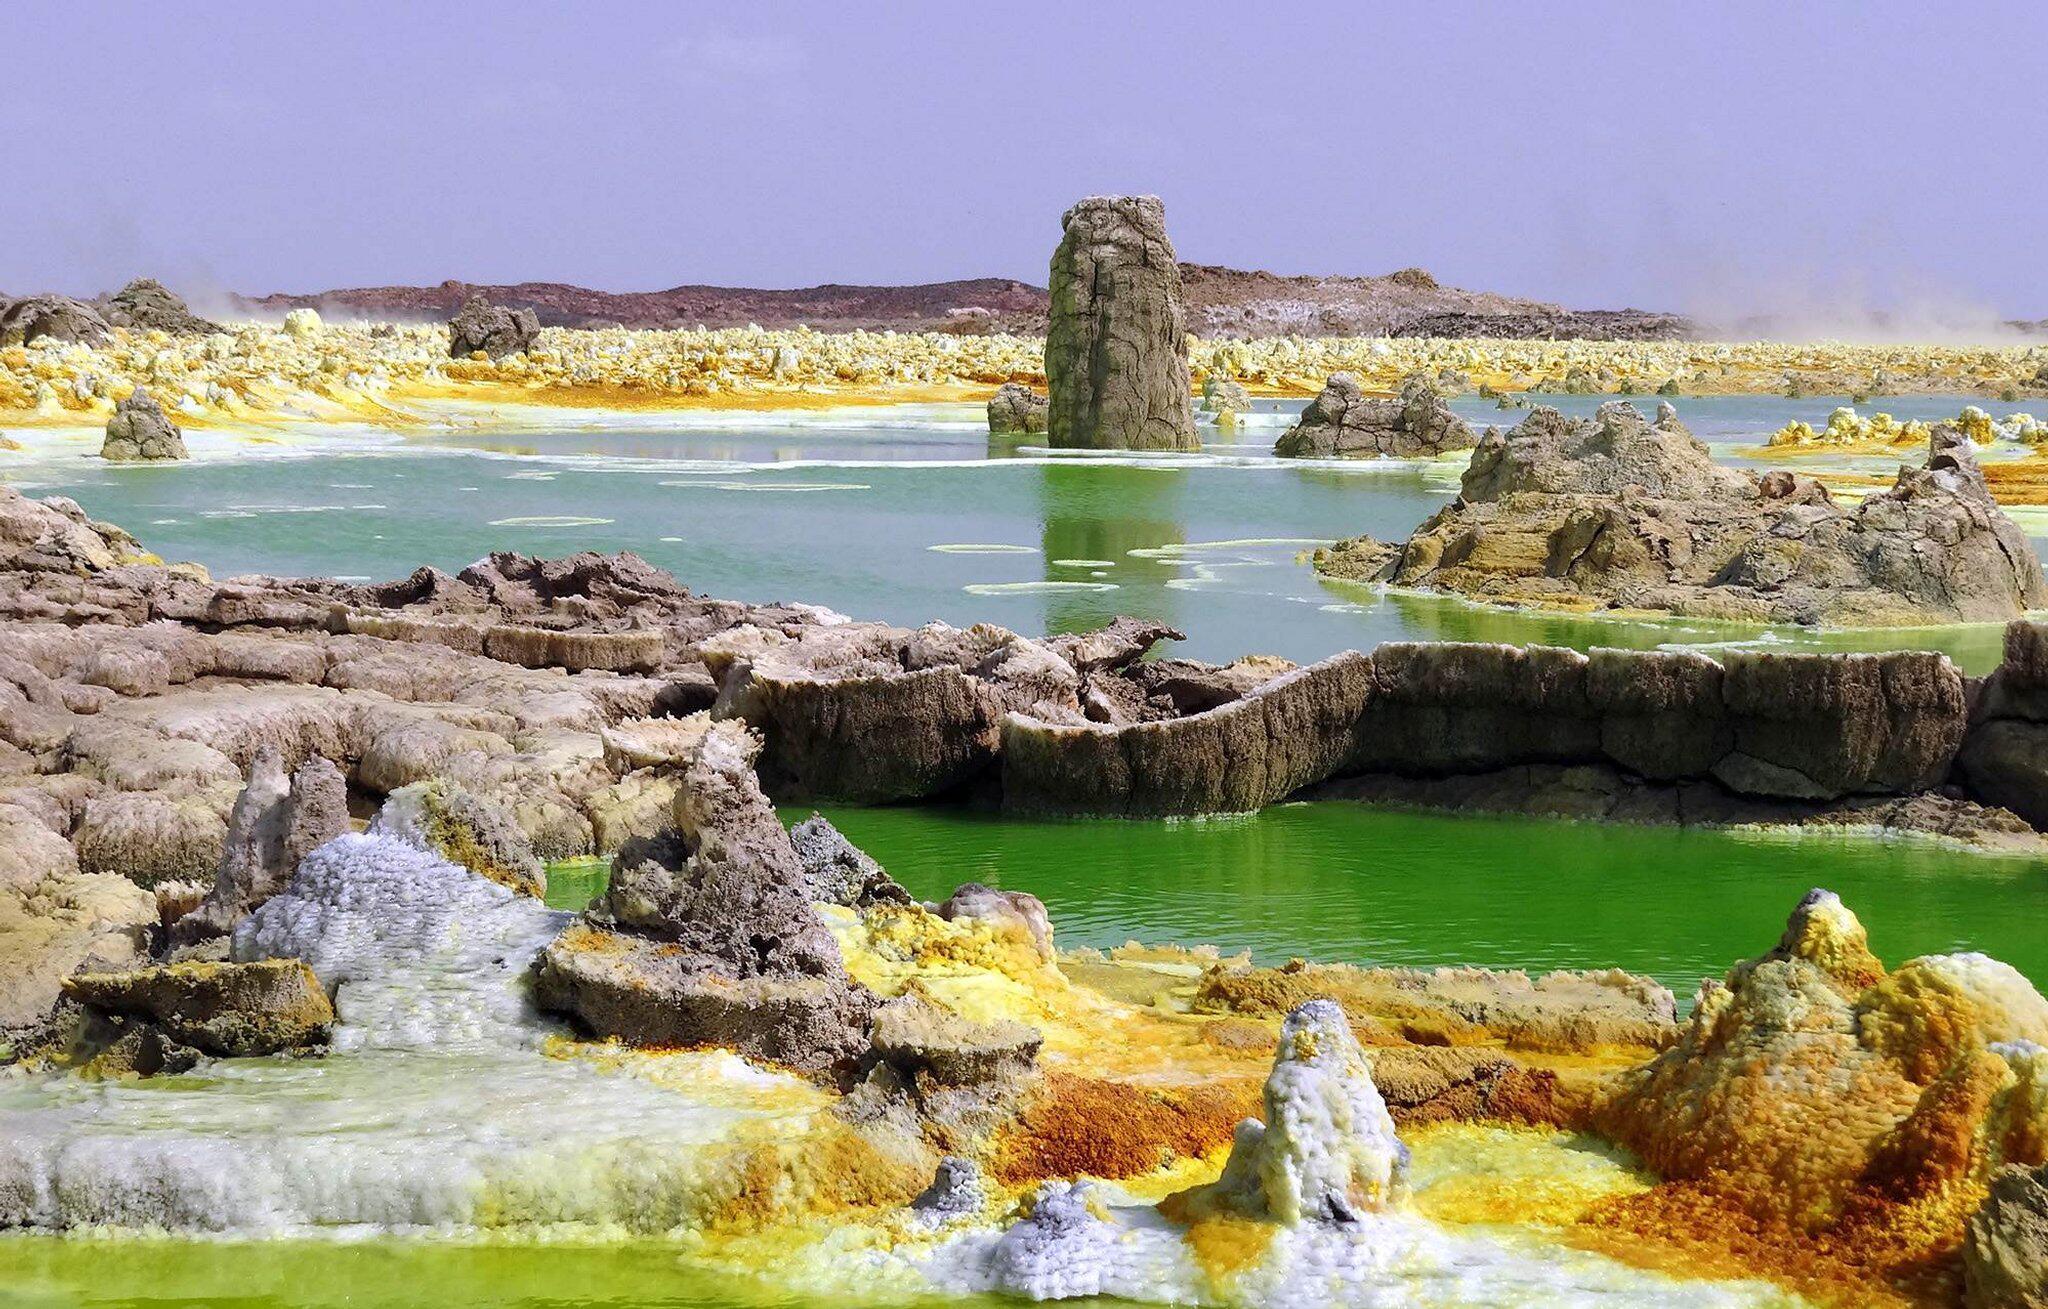 Bild zu Dossier: Wasser, aber kein Leben: Forscher finden sterilen Ort